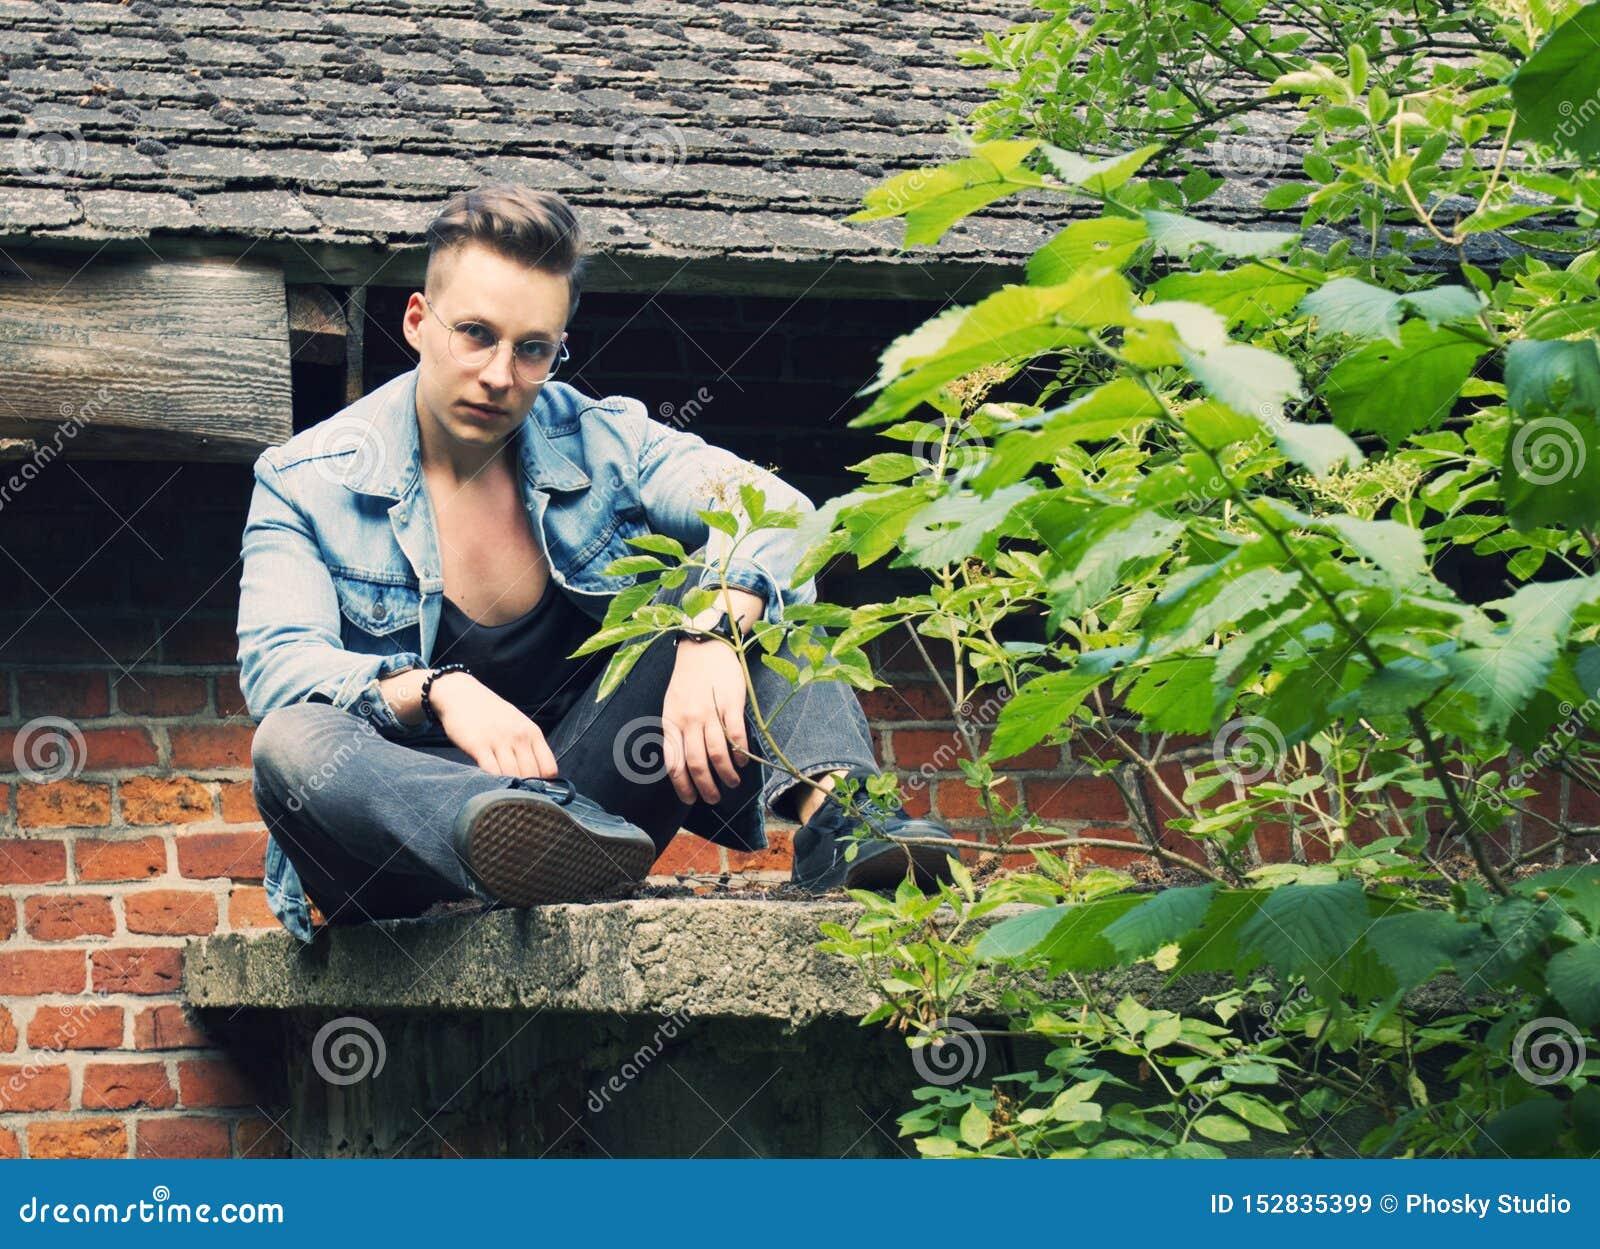 Красивый молодой человек сидя на крыше